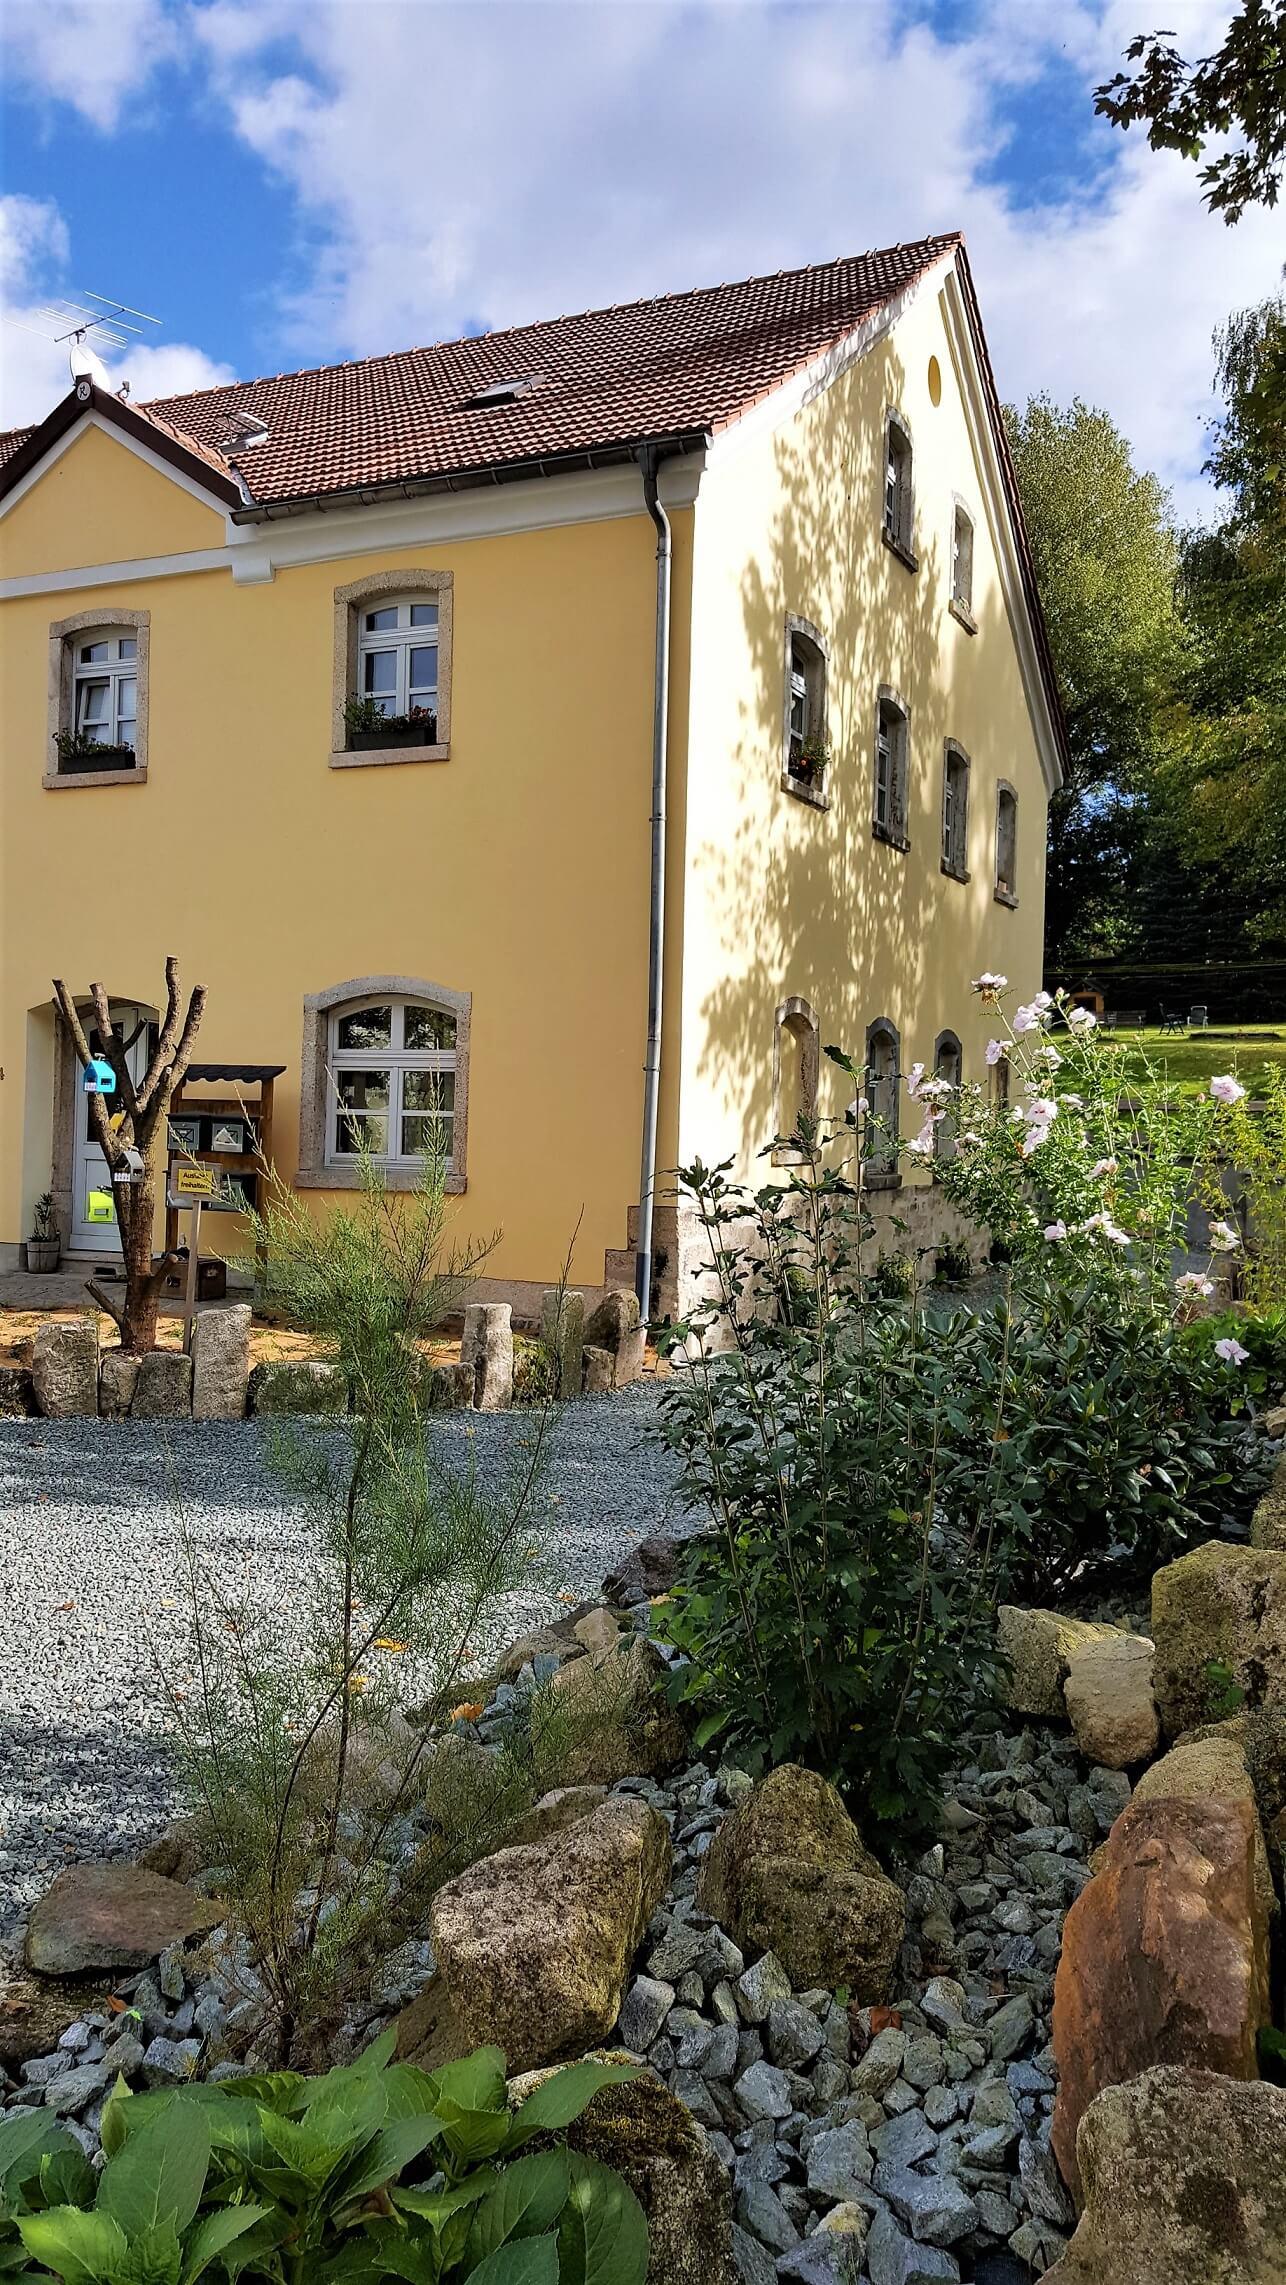 Rittergut Adlershof zu Oberlauterbach - Gutsverwalterhaus © Jens Reiher